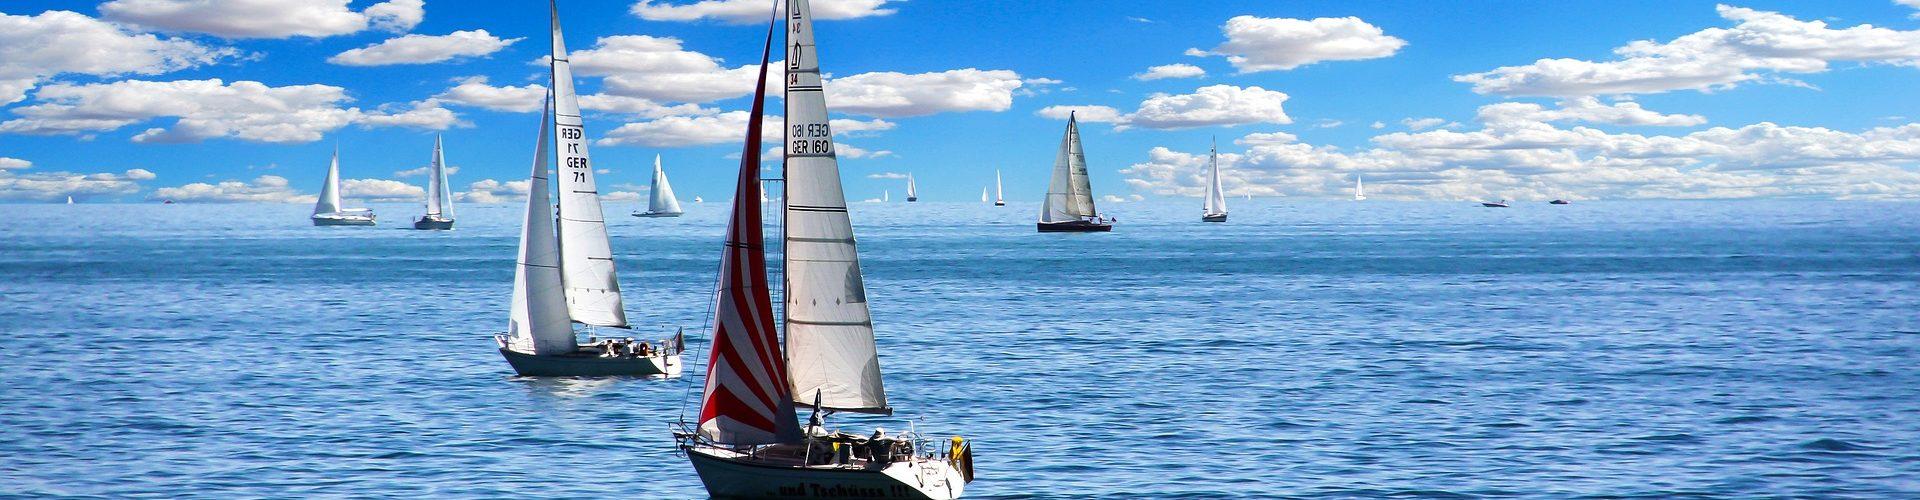 segeln lernen in Börgerende Rethwisch segelschein machen in Börgerende Rethwisch 1920x500 - Segeln lernen in Börgerende-Rethwisch